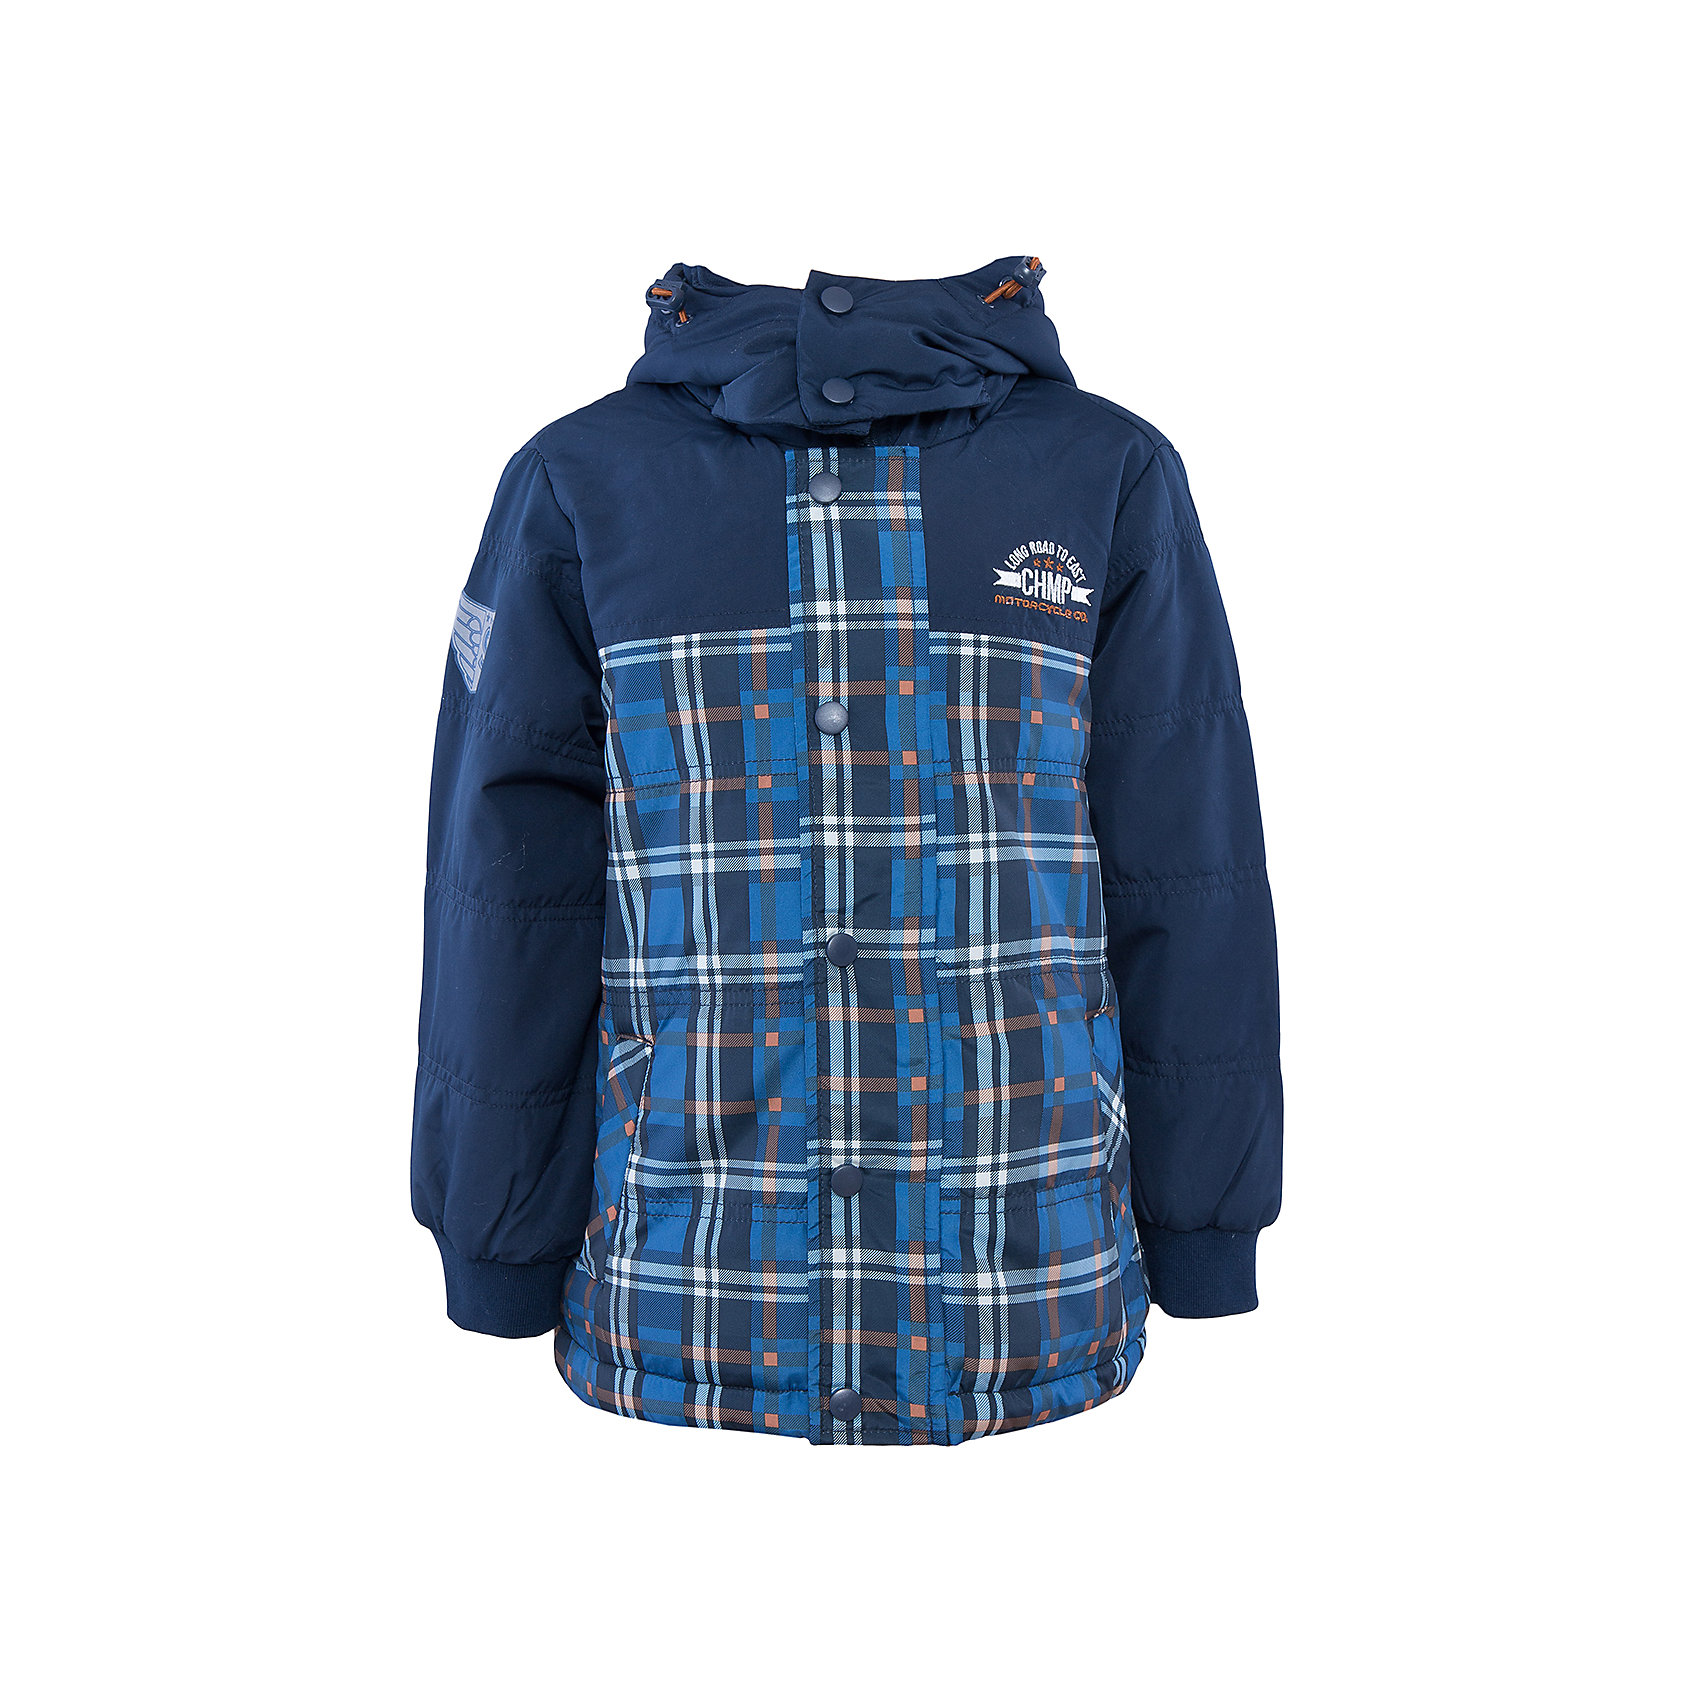 Куртка для мальчика SELAТакая стильная утепленная куртка - незаменимая вещь в прохладное время года. Эта модель отлично сидит на ребенке, она сшита из плотного материала, позволяет гулять и заниматься спортом на свежем воздухе. Подкладка и утеплитель обеспечивают ребенку комфорт. Модель дополнена капюшоном, планкой от ветра и карманами.<br>Одежда от бренда Sela (Села) - это качество по приемлемым ценам. Многие российские родители уже оценили преимущества продукции этой компании и всё чаще приобретают одежду и аксессуары Sela.<br><br>Дополнительная информация:<br><br>цвет: синий;<br>материал: 100% ПЭ;<br>капюшон;<br>карманы;<br>украшена нашивками.<br><br>Куртку для мальчика от бренда Sela можно купить в нашем интернет-магазине.<br><br>Ширина мм: 356<br>Глубина мм: 10<br>Высота мм: 245<br>Вес г: 519<br>Цвет: синий<br>Возраст от месяцев: 24<br>Возраст до месяцев: 36<br>Пол: Мужской<br>Возраст: Детский<br>Размер: 98,116,110,104<br>SKU: 5007999